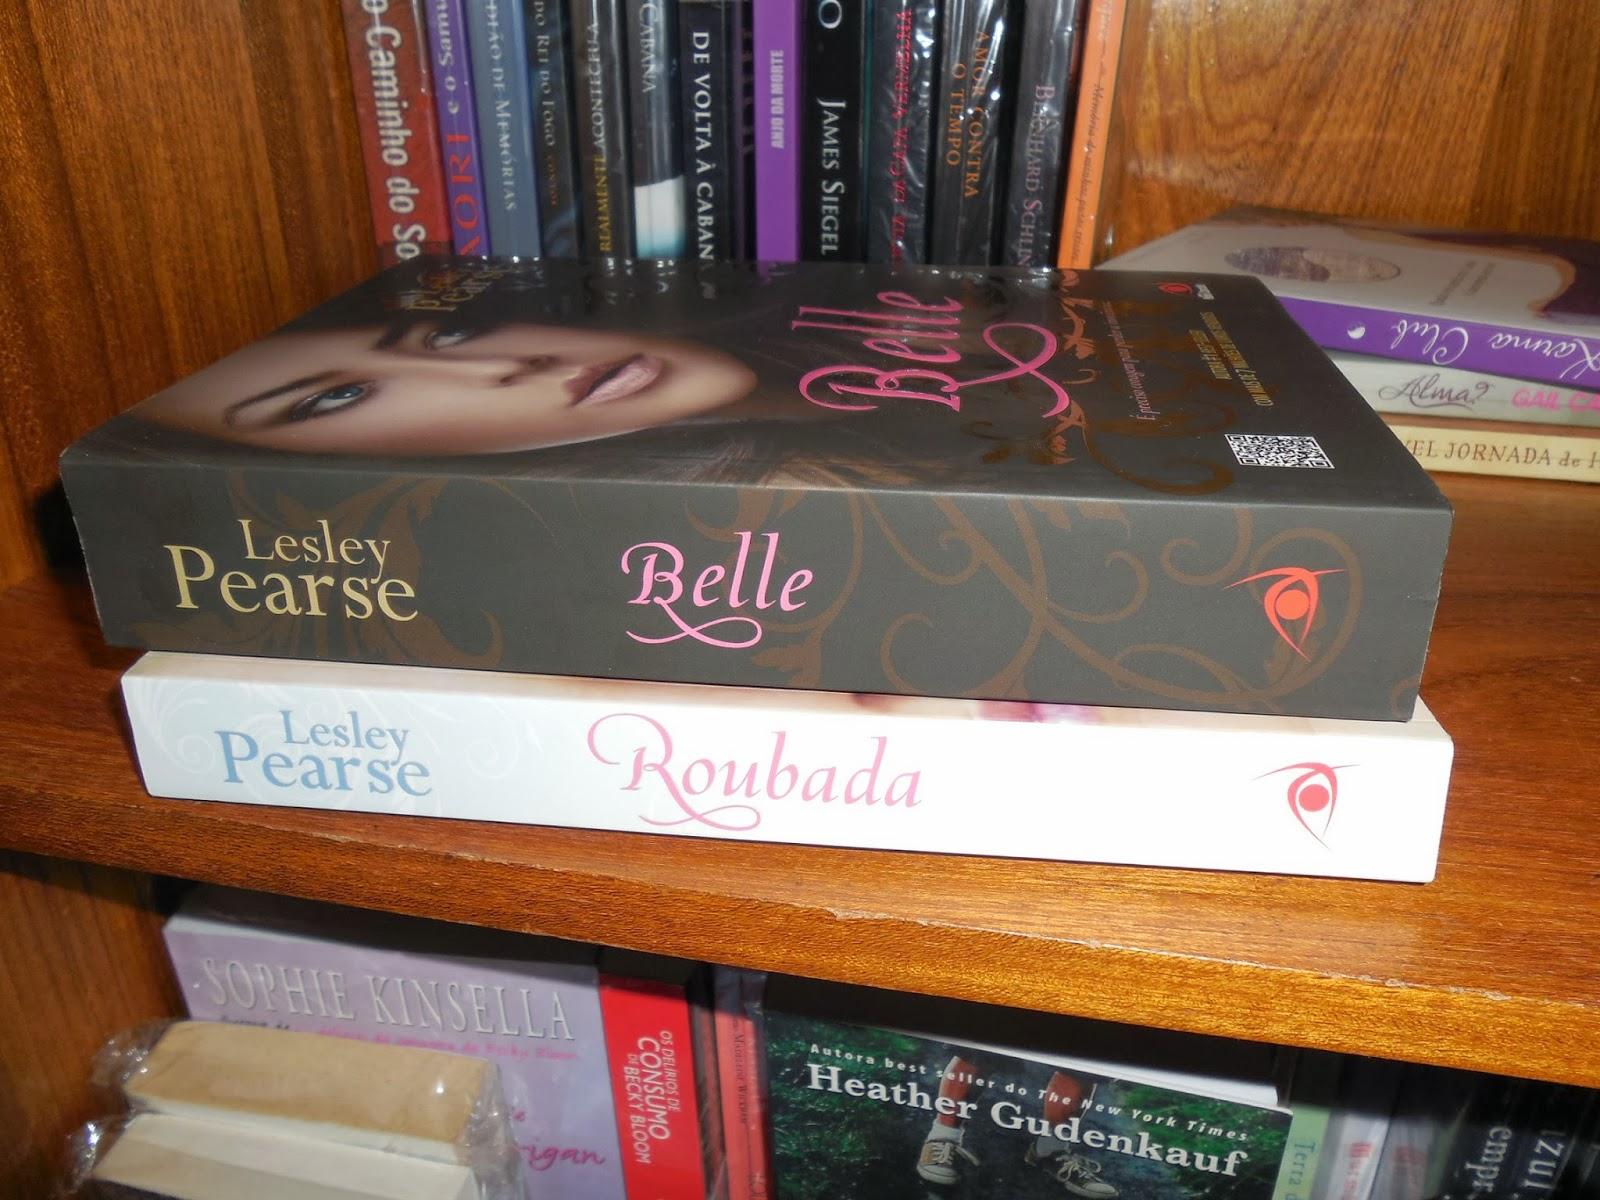 1e5cb107c Ainda não li nenhum livro da Leasley Pearse mas comprei esses dois, e sei  que ainda tem mais títulos para minha coleção! Acho as capas lindas <3!